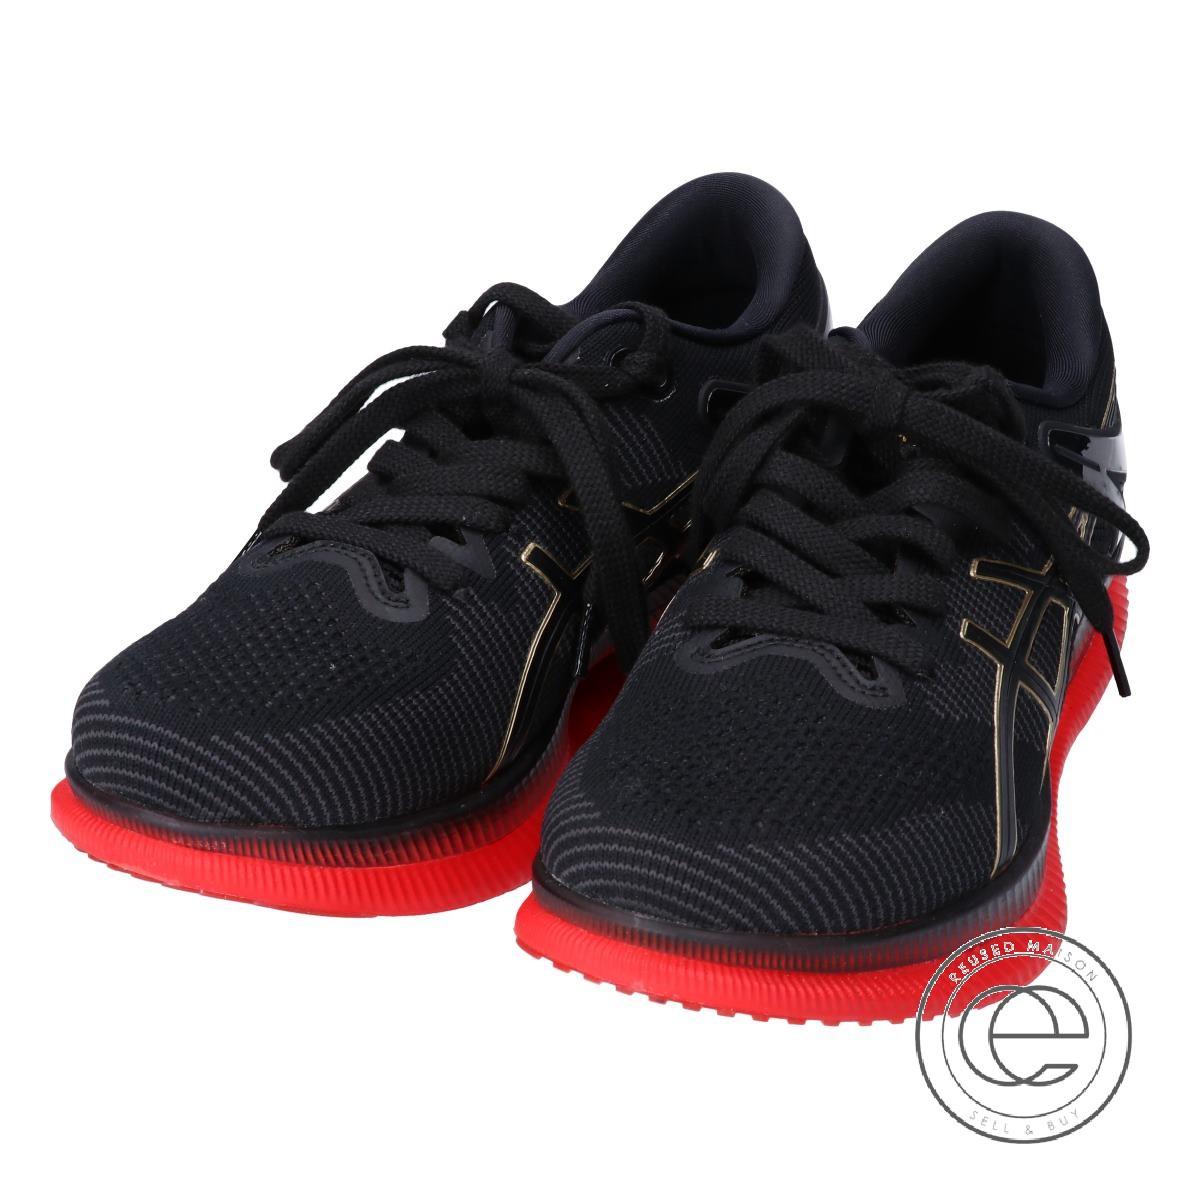 a32f7b94 asics ASICS 1011A142 METARIDE meta ride running shoes 26 black / red men